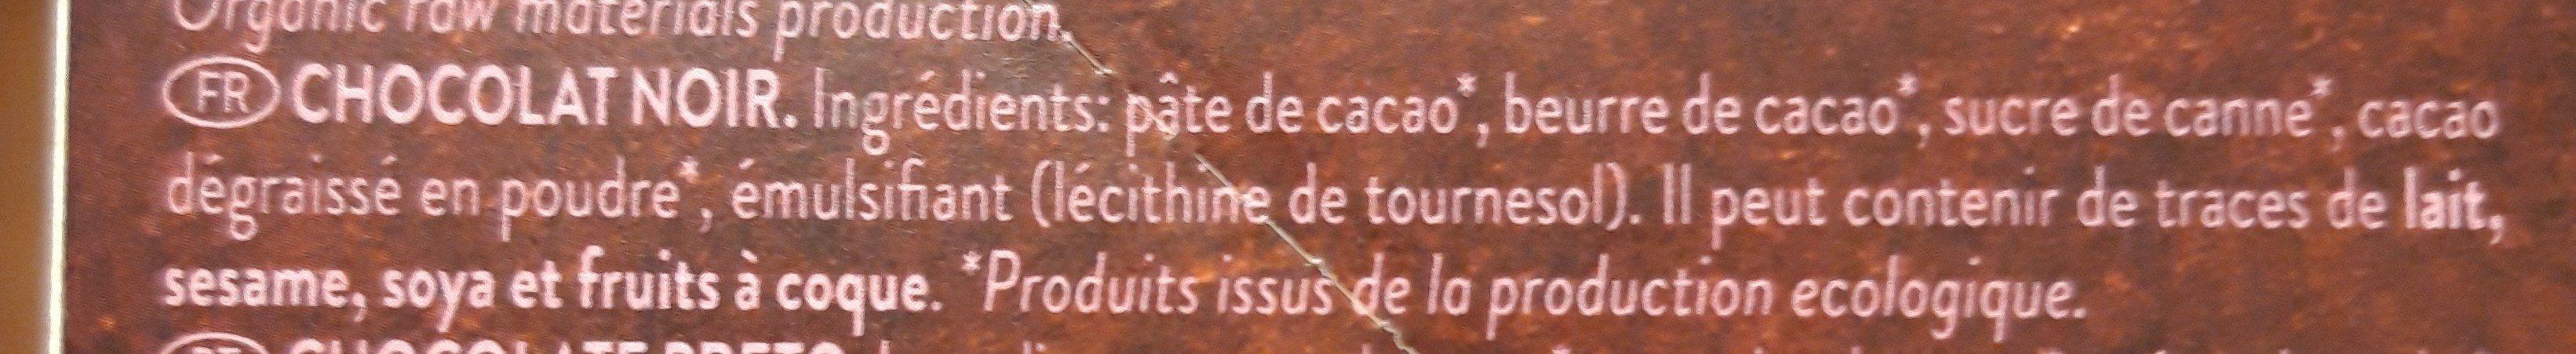 Organic chocolate criollo negro cacao ecológico y sin gluten - Ingredients